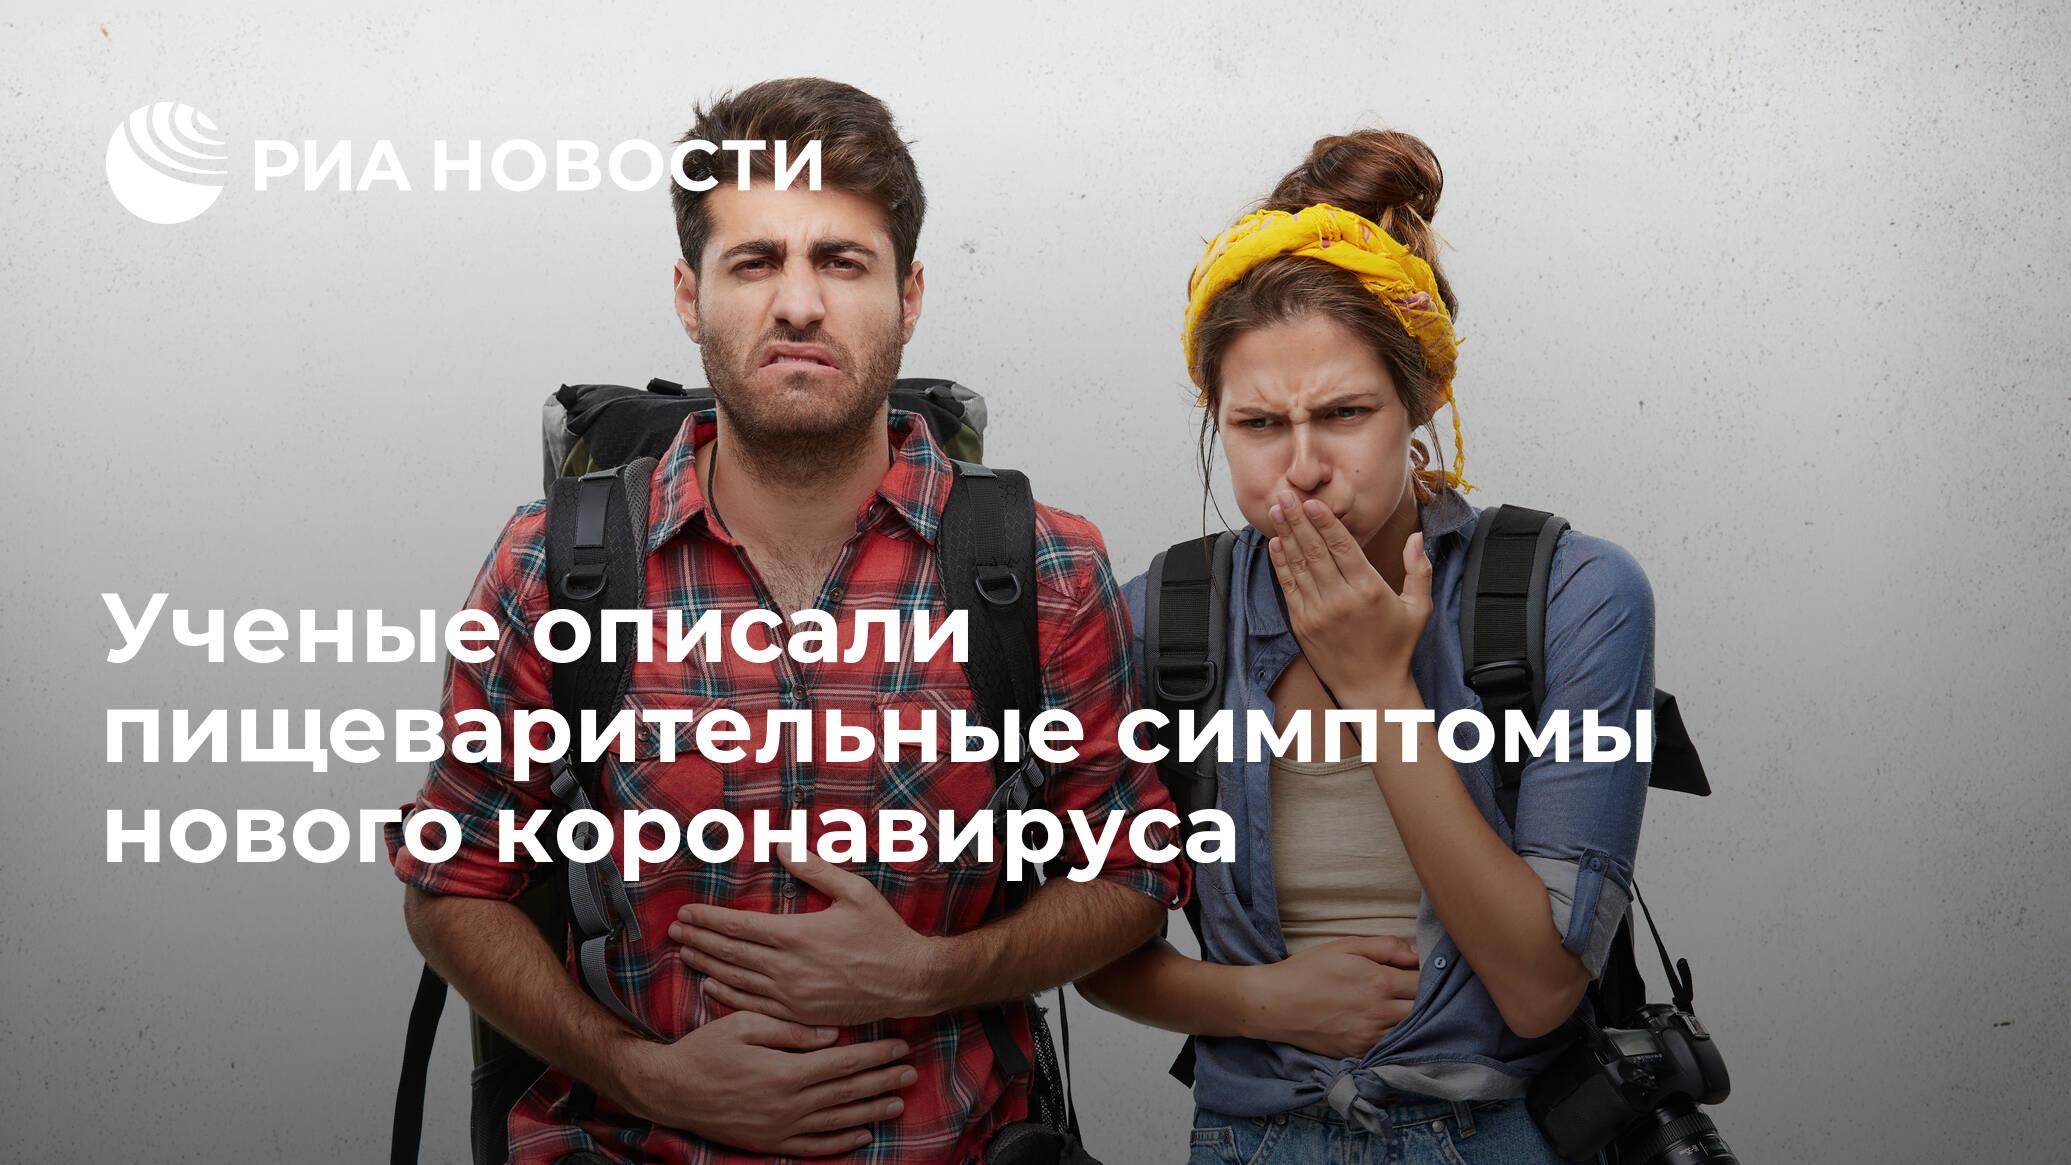 Новости о кишечной инфекции thumbnail